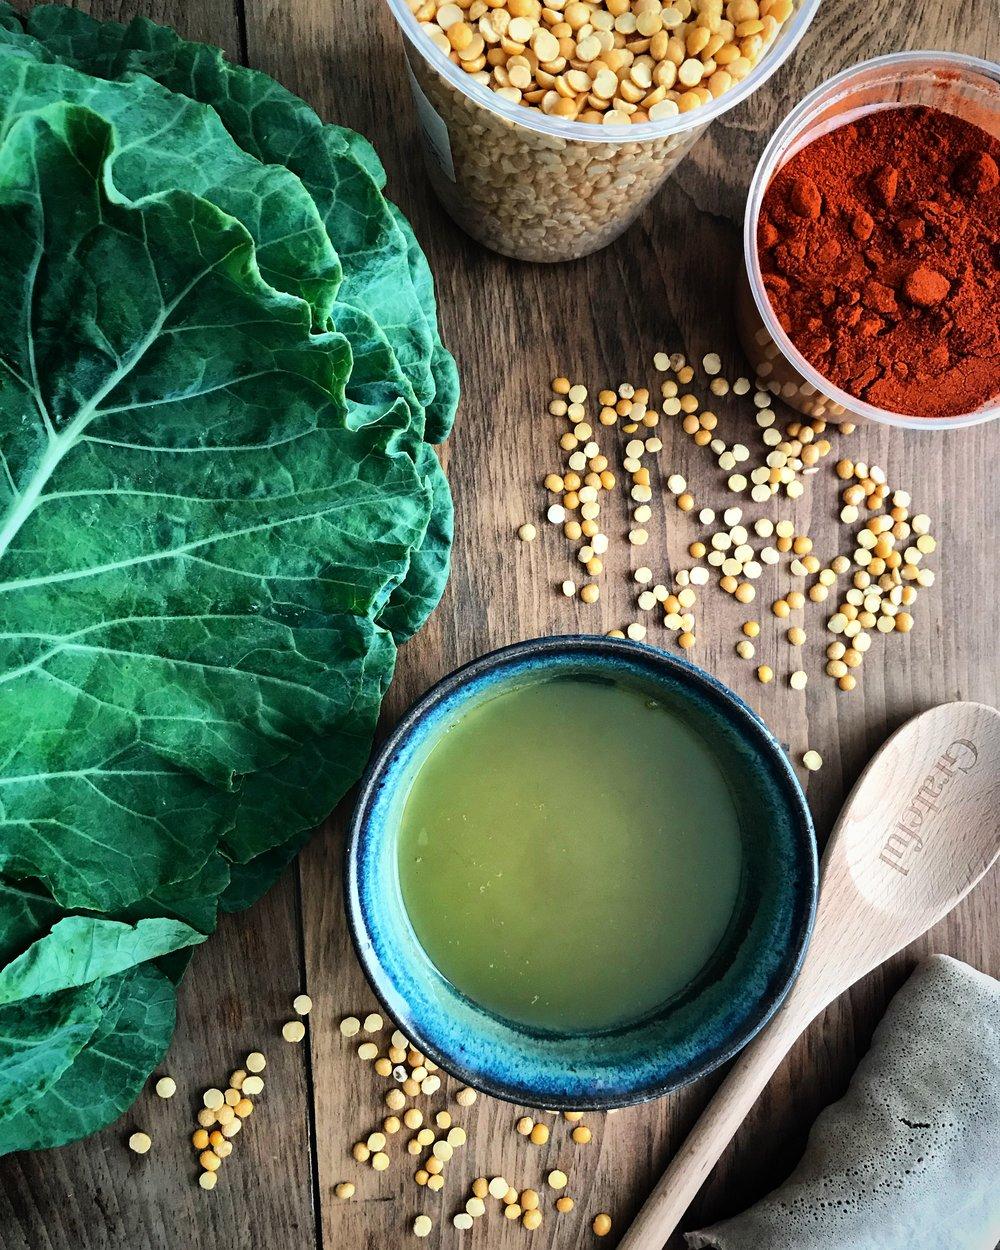 doro wat ethiopian meal ingredients